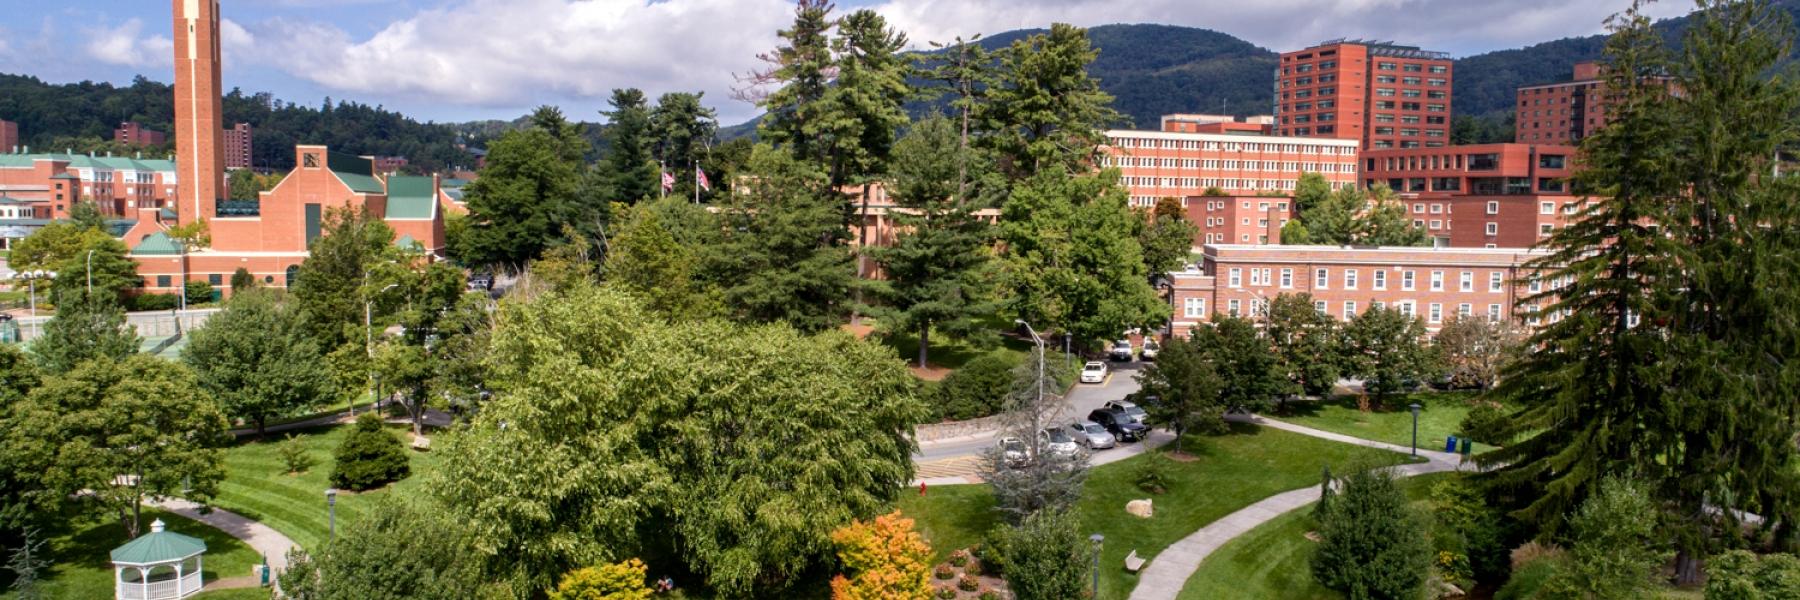 Image, Campus